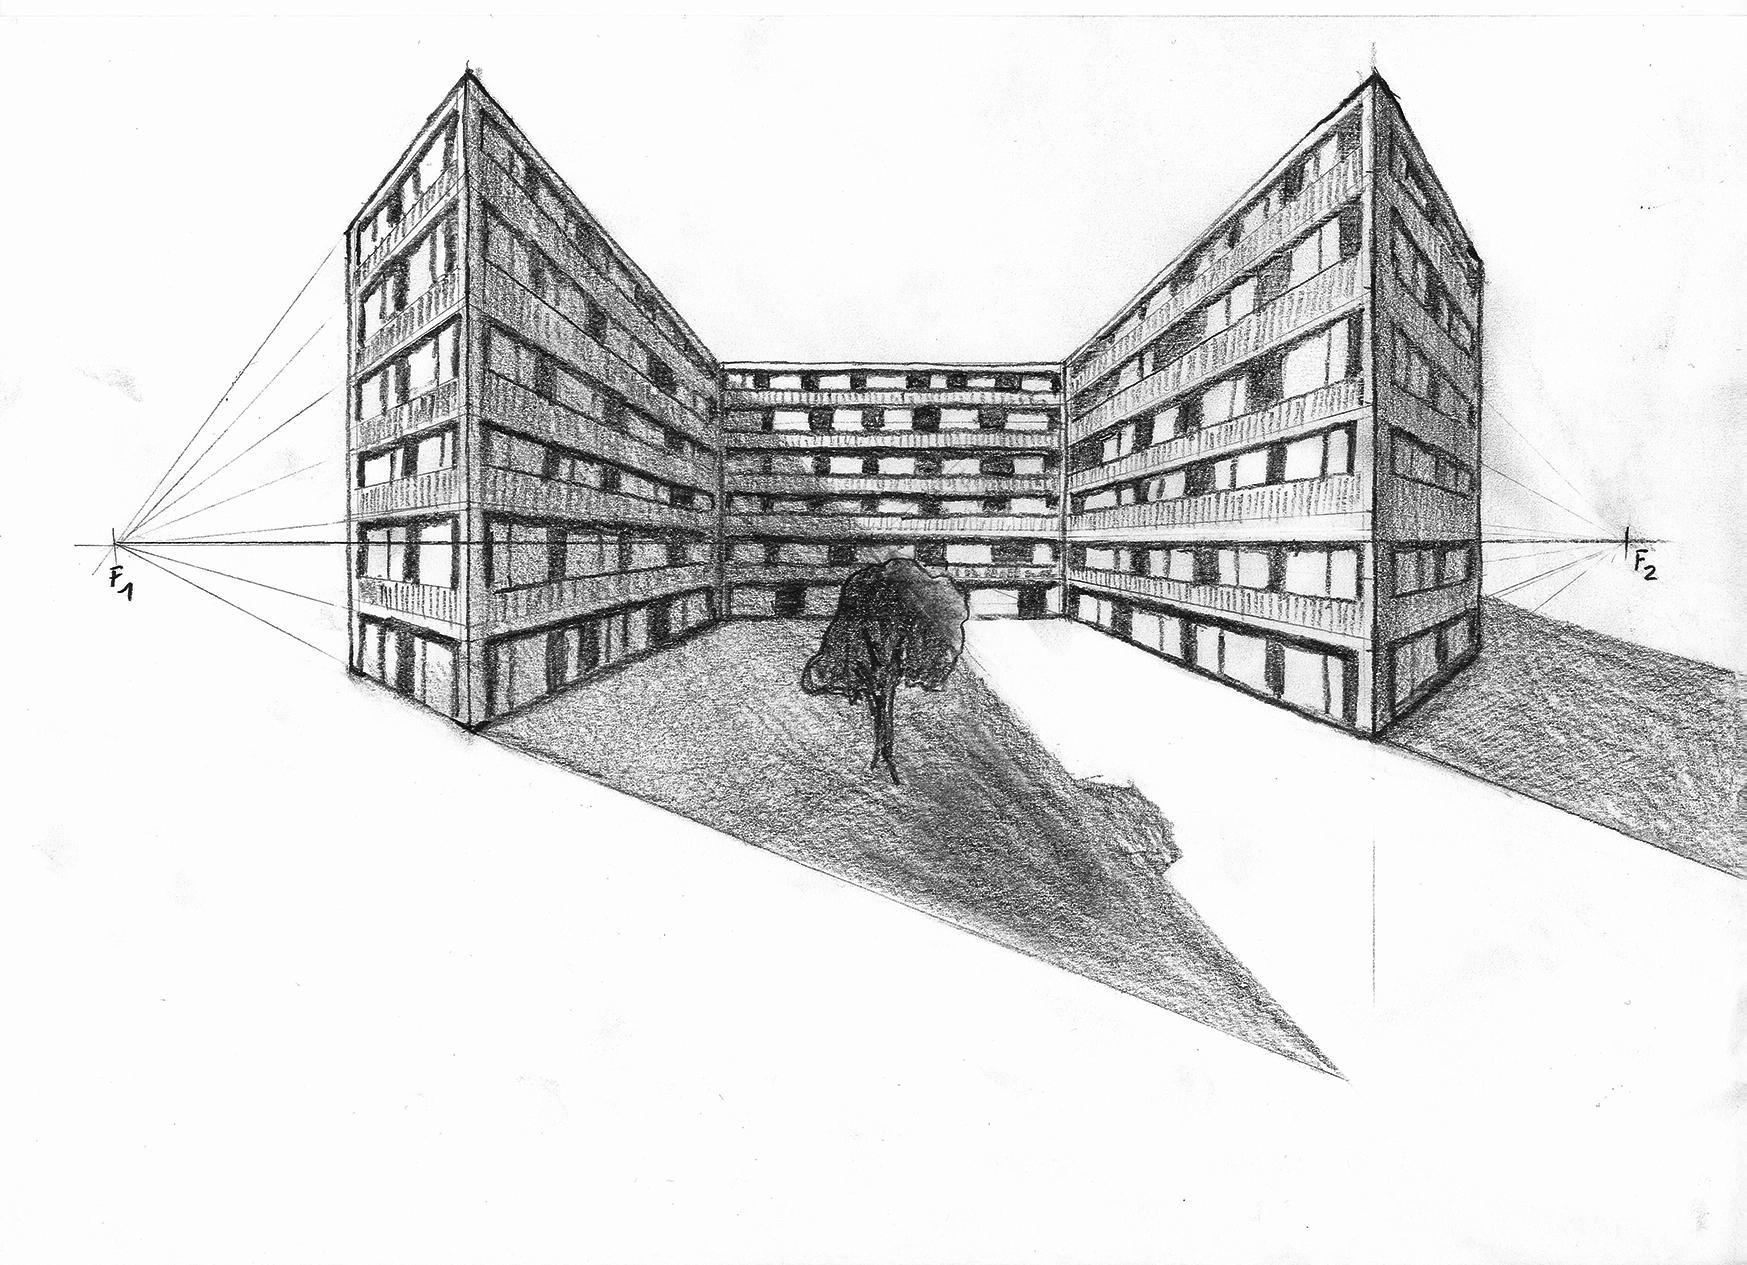 Perspektiven Zeichnen mit mehreren Fluchtpunkten  simofon